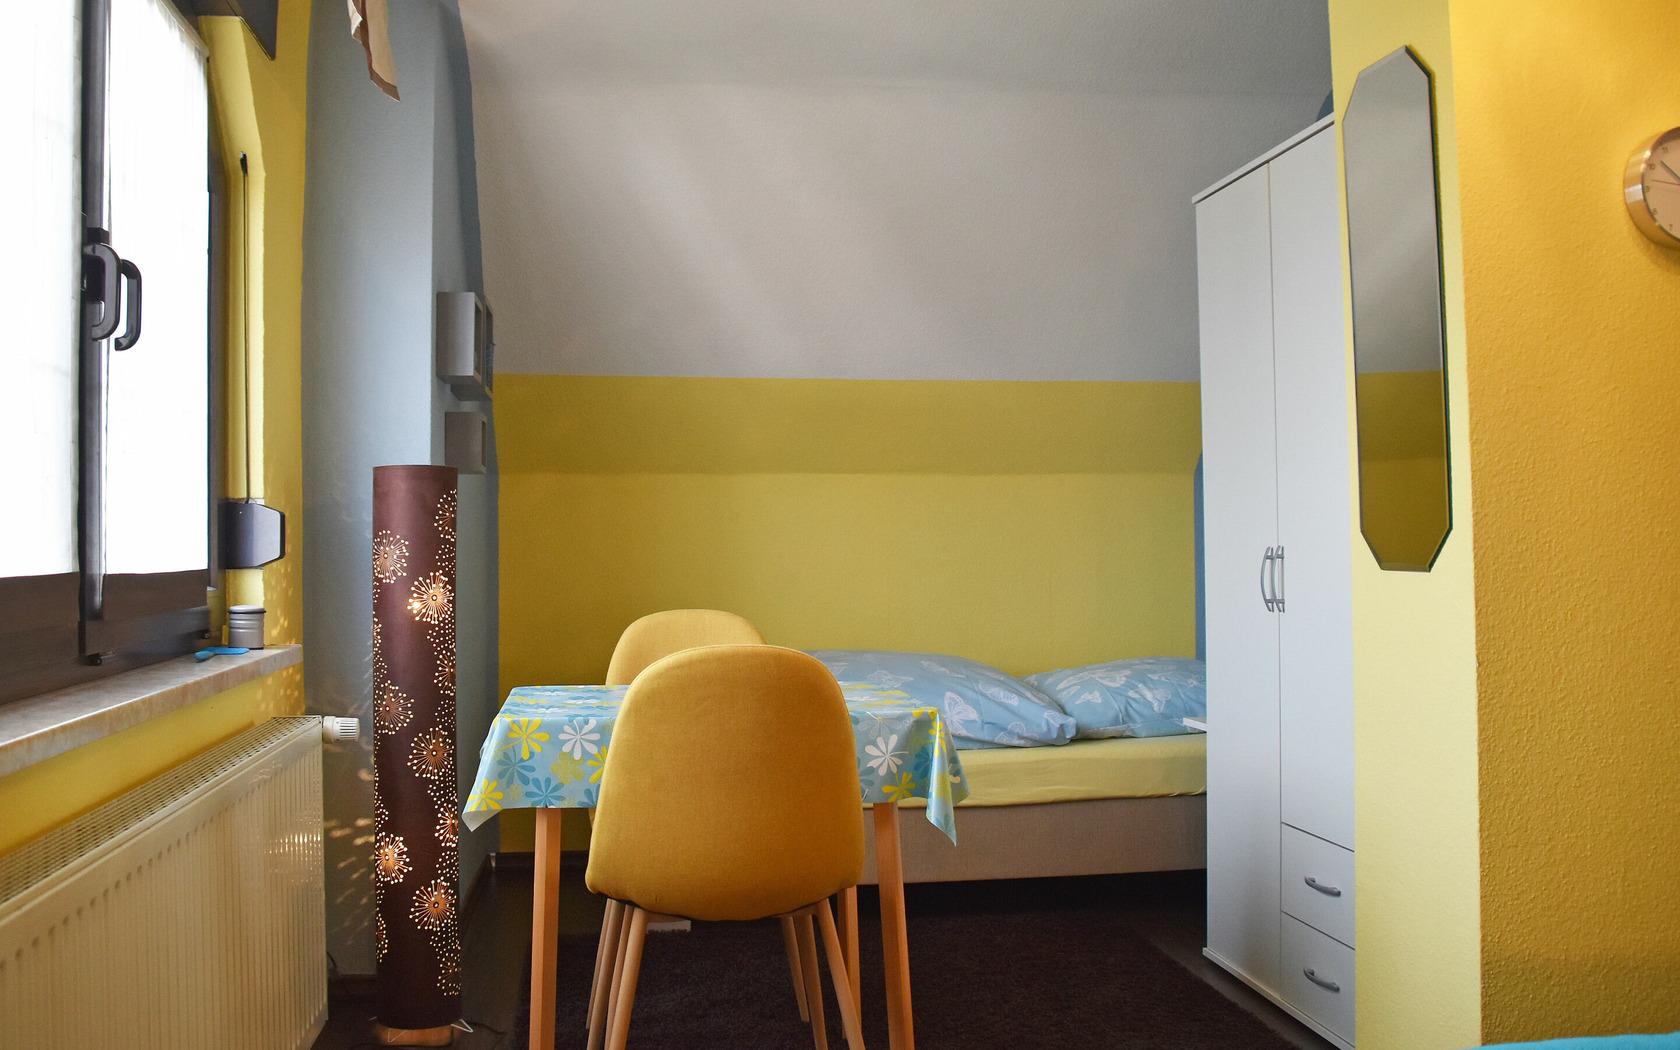 Ferienhaus Hasenland, Foto: Marketing und Tourismus Guben e.V., Foto: Marketing und Tourismus Guben e.V., Lizenz: Marketing und Tourismus Guben e.V.